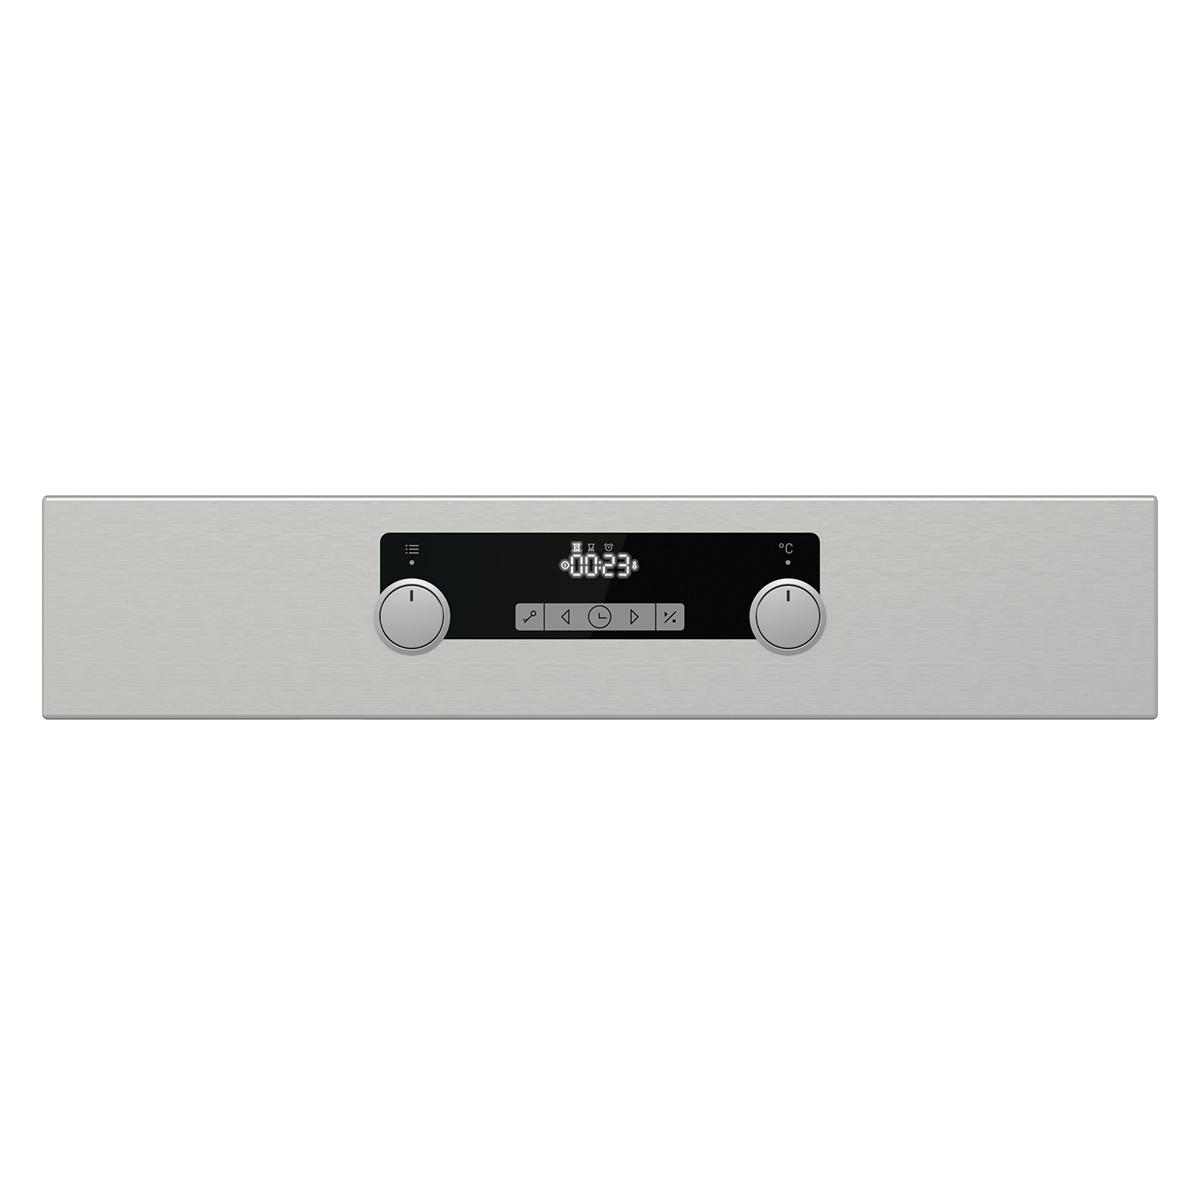 Multifunción + vapor Horno BSA5222AX